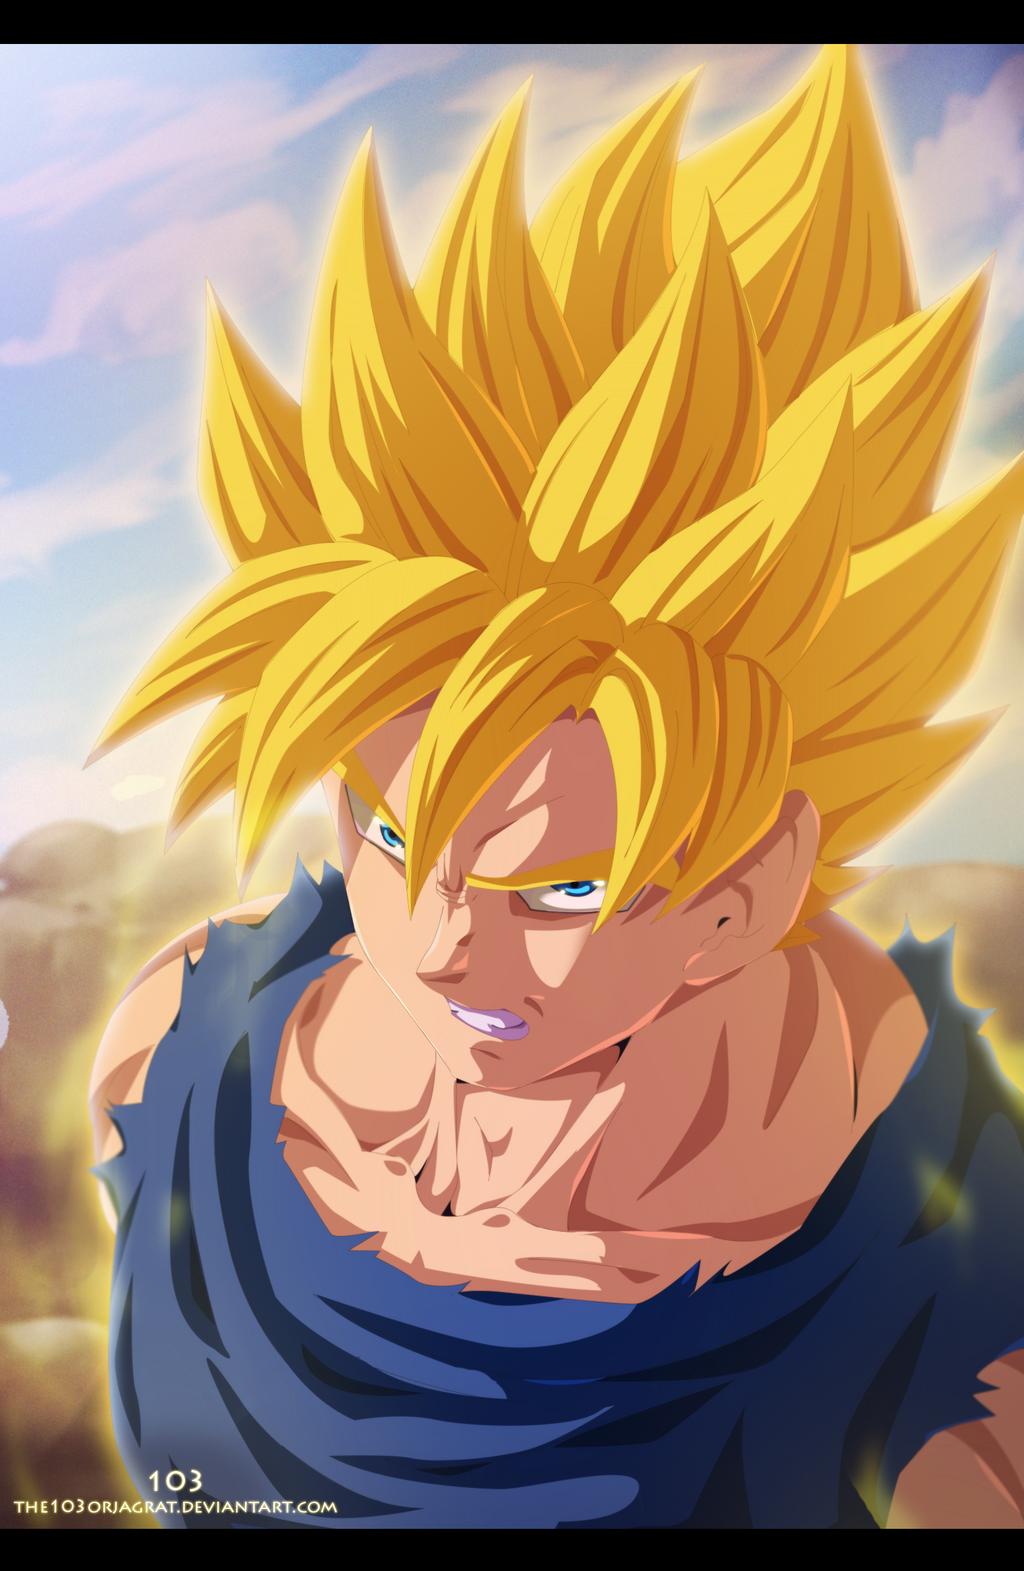 Anime hankering goku super saiyan - Super saiyan 6 goku pictures ...